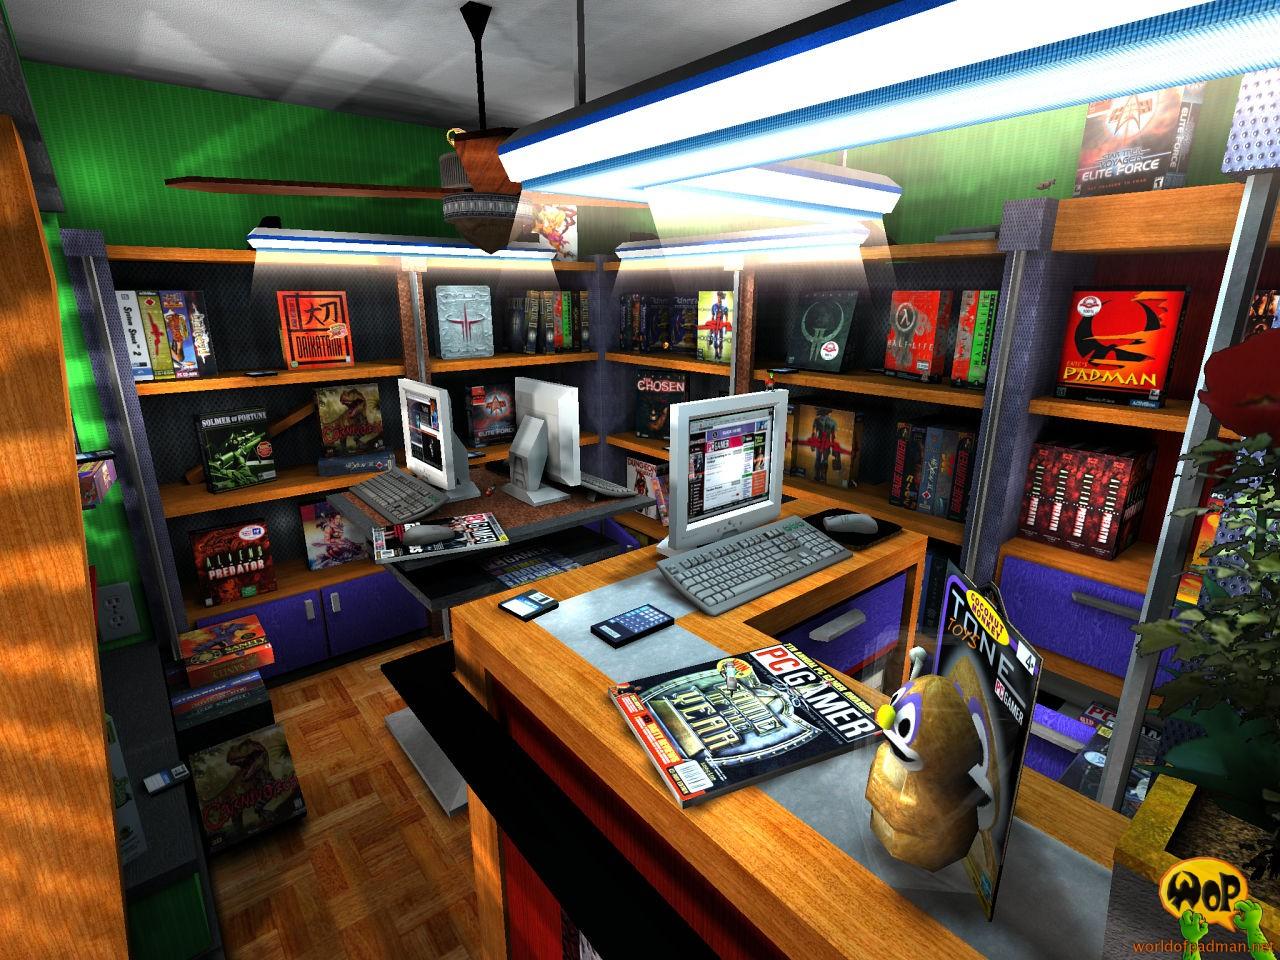 ENTE's PadShop for Quake 3 Arena